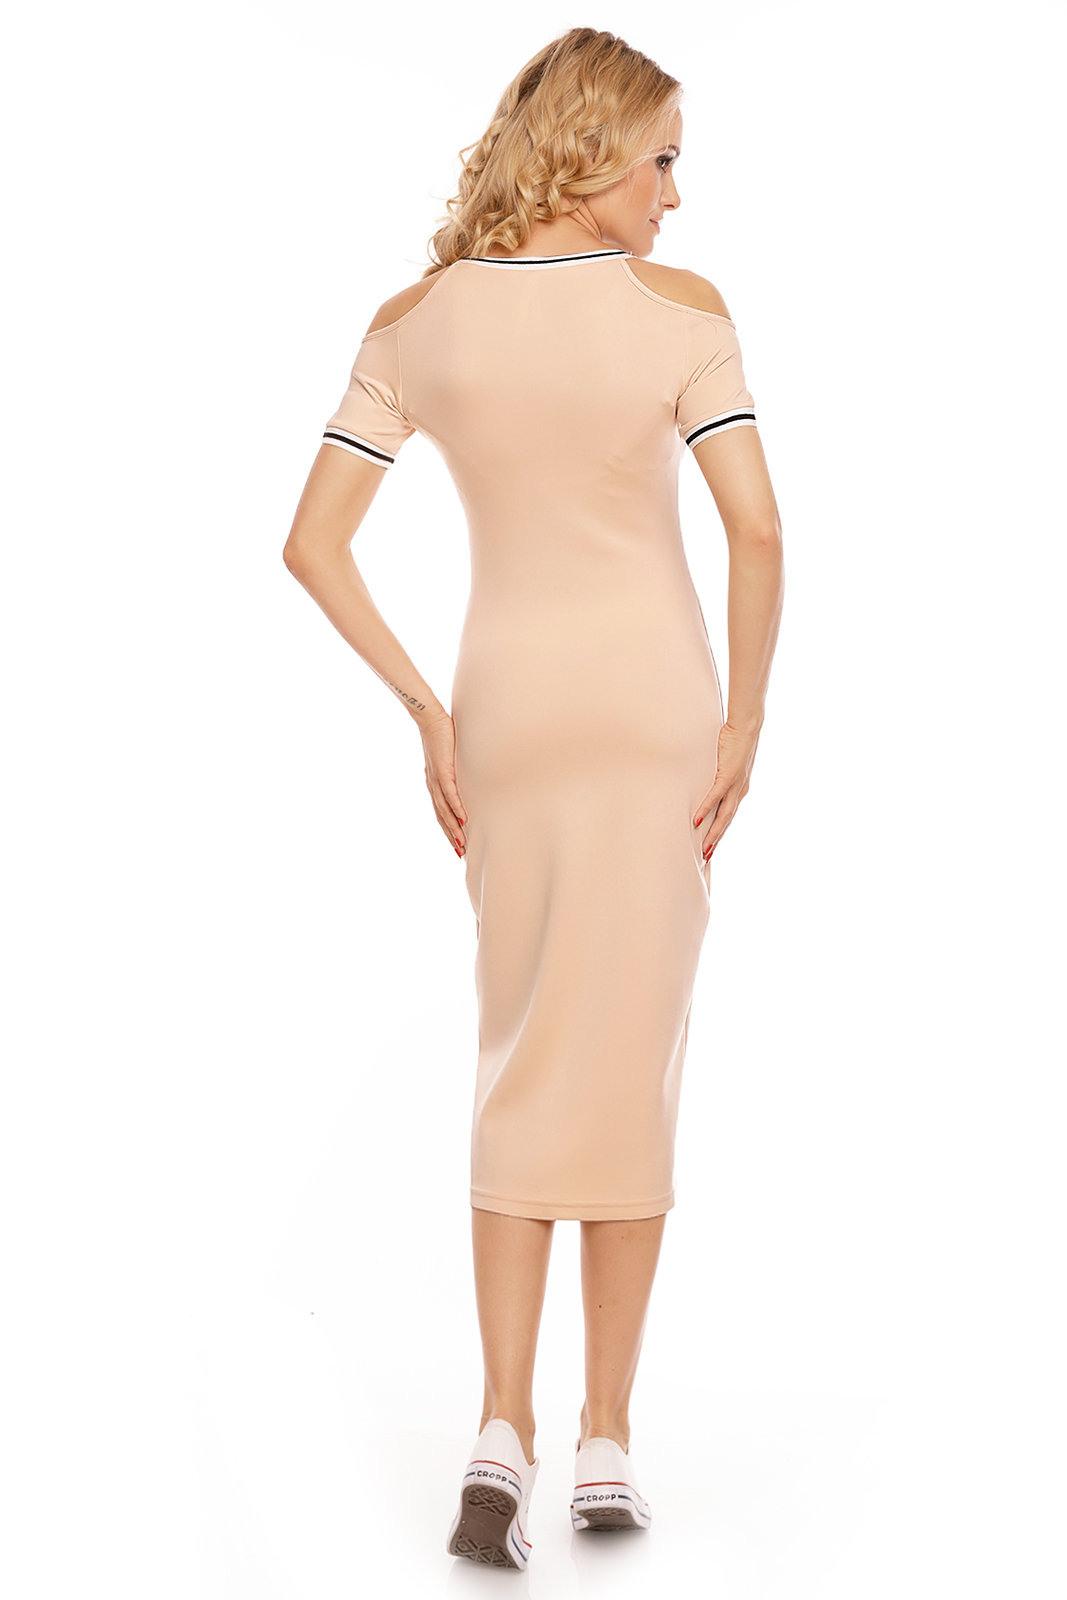 Damen Kleid Knielang Volantkleid Schulterfrei Schnürung